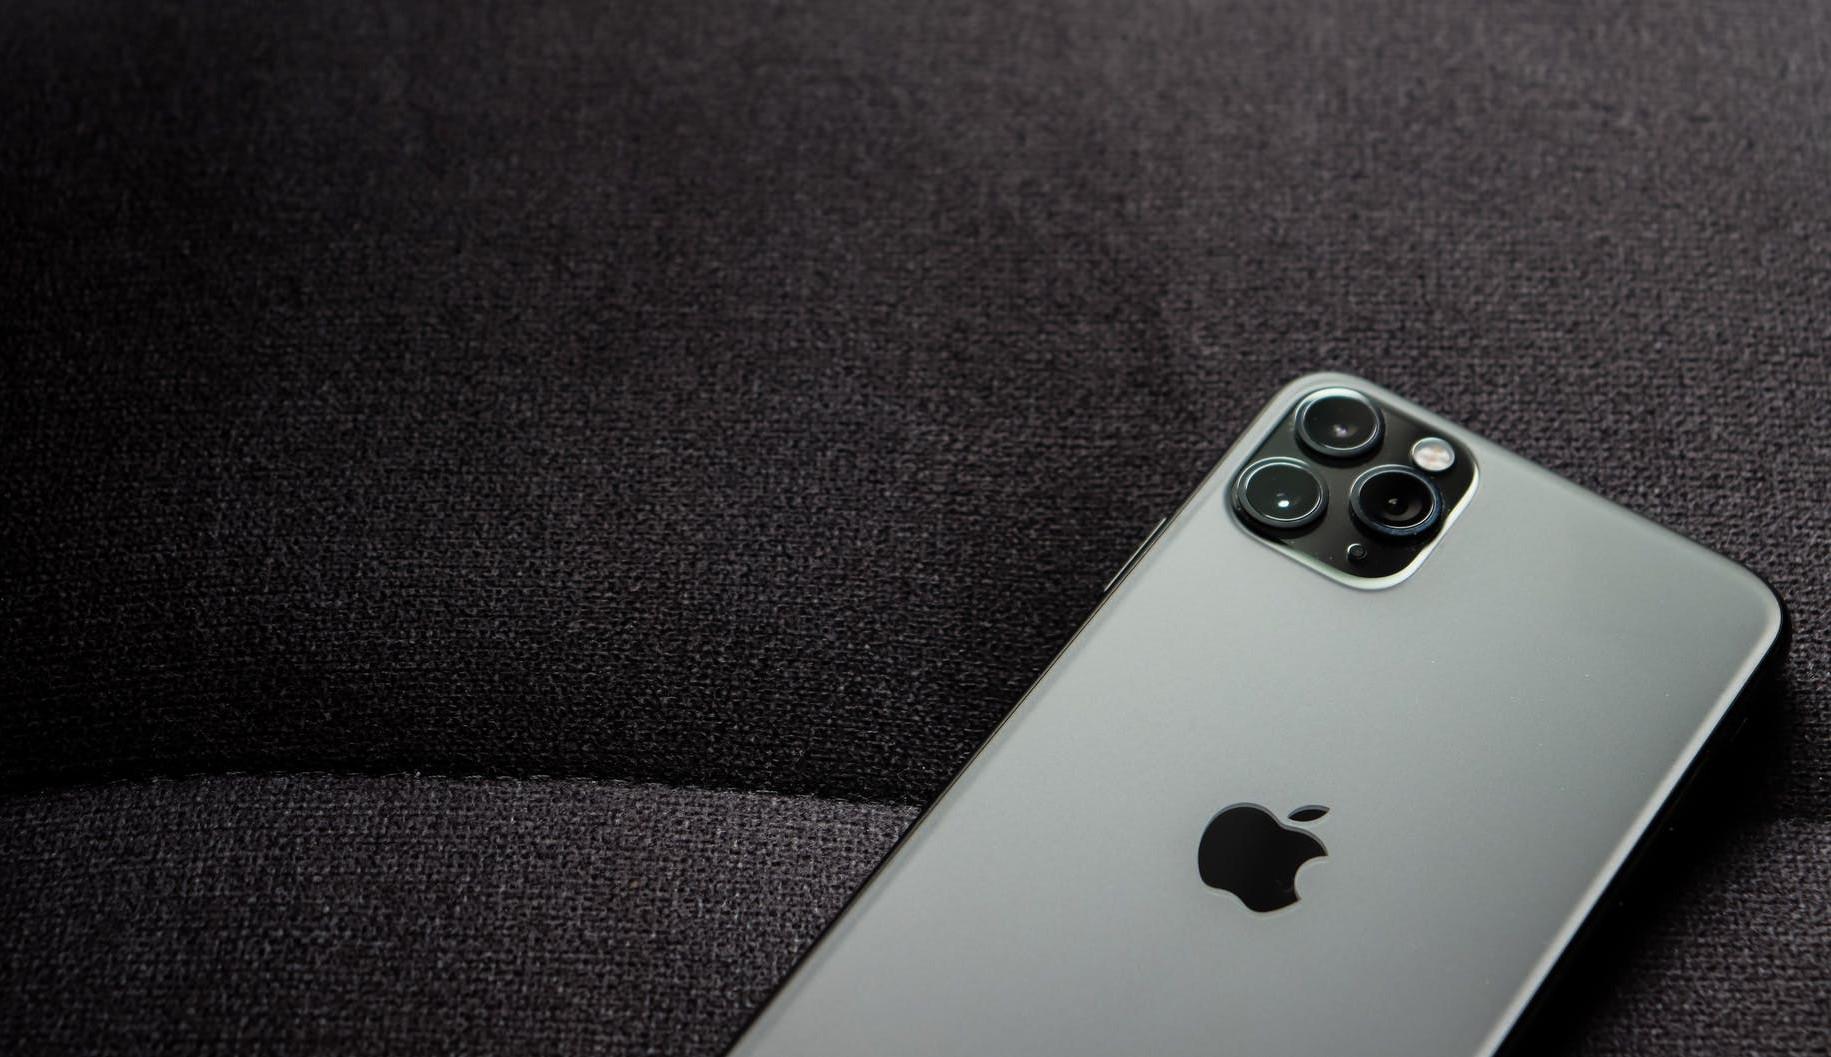 Apple anuncia redução de preço dos iPhones 11, 12 e o fim da fabricação do iPhone XR